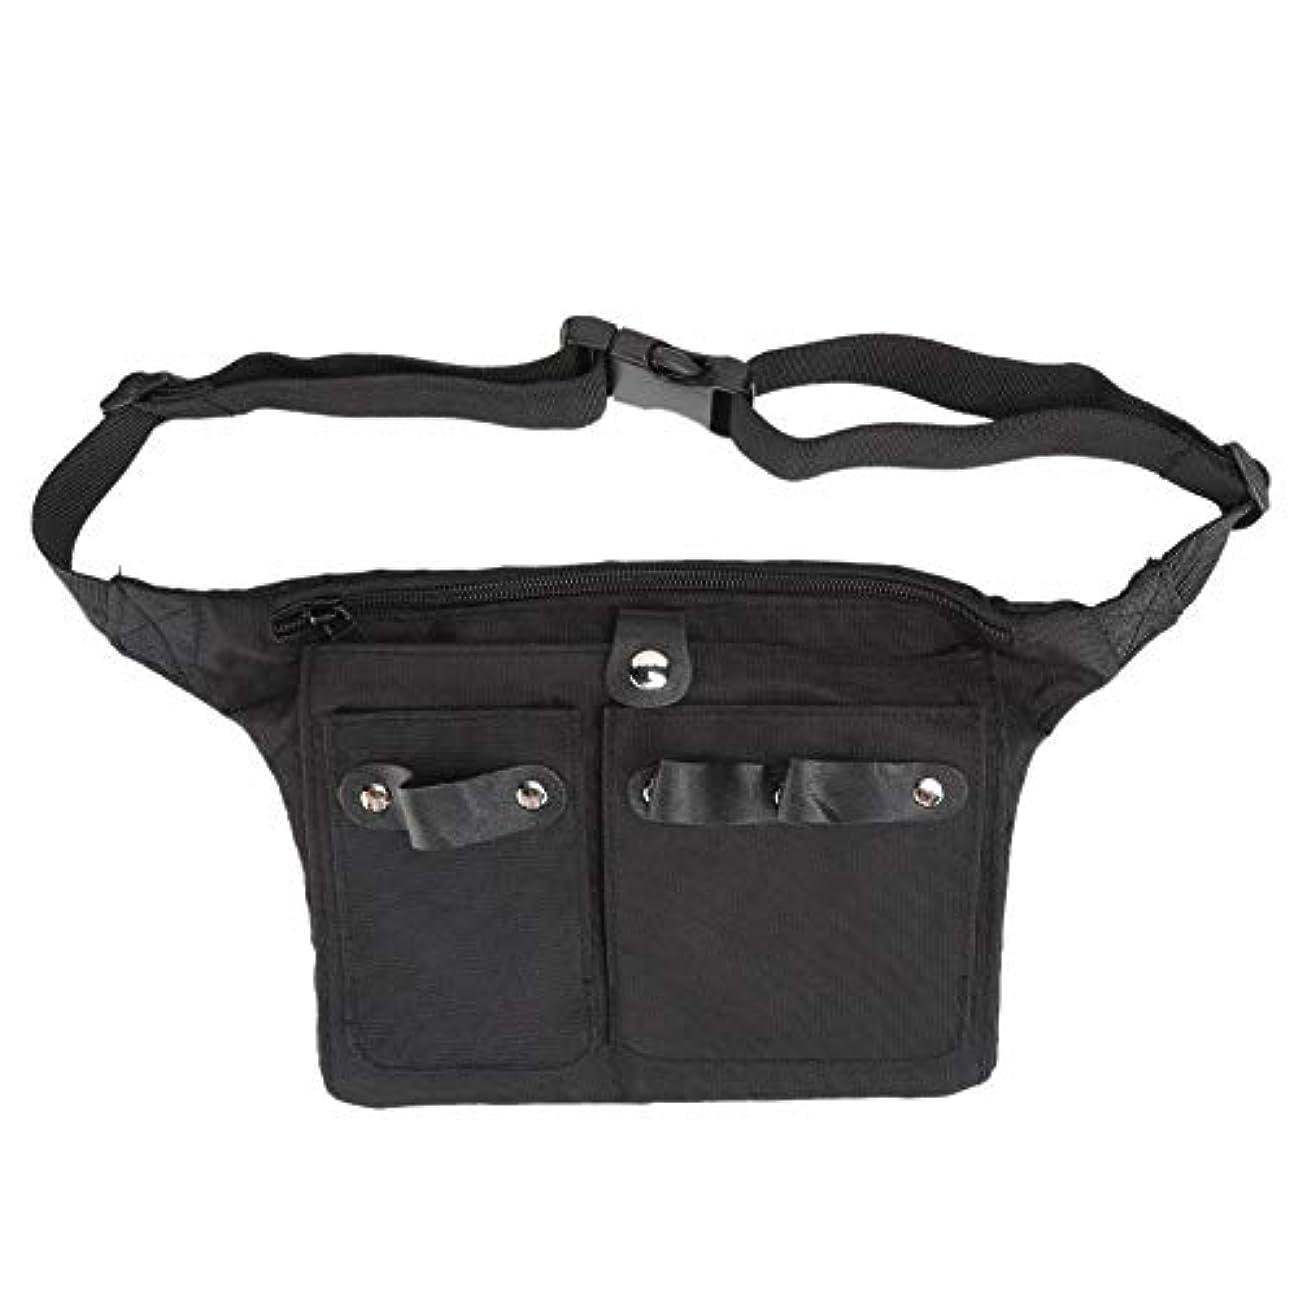 仲良しくさびユーモアポータブルはさみ収納袋、多機能ポータブルはさみウエストバッグヘアクリップくし理髪ツール収納袋ブラック(黒)